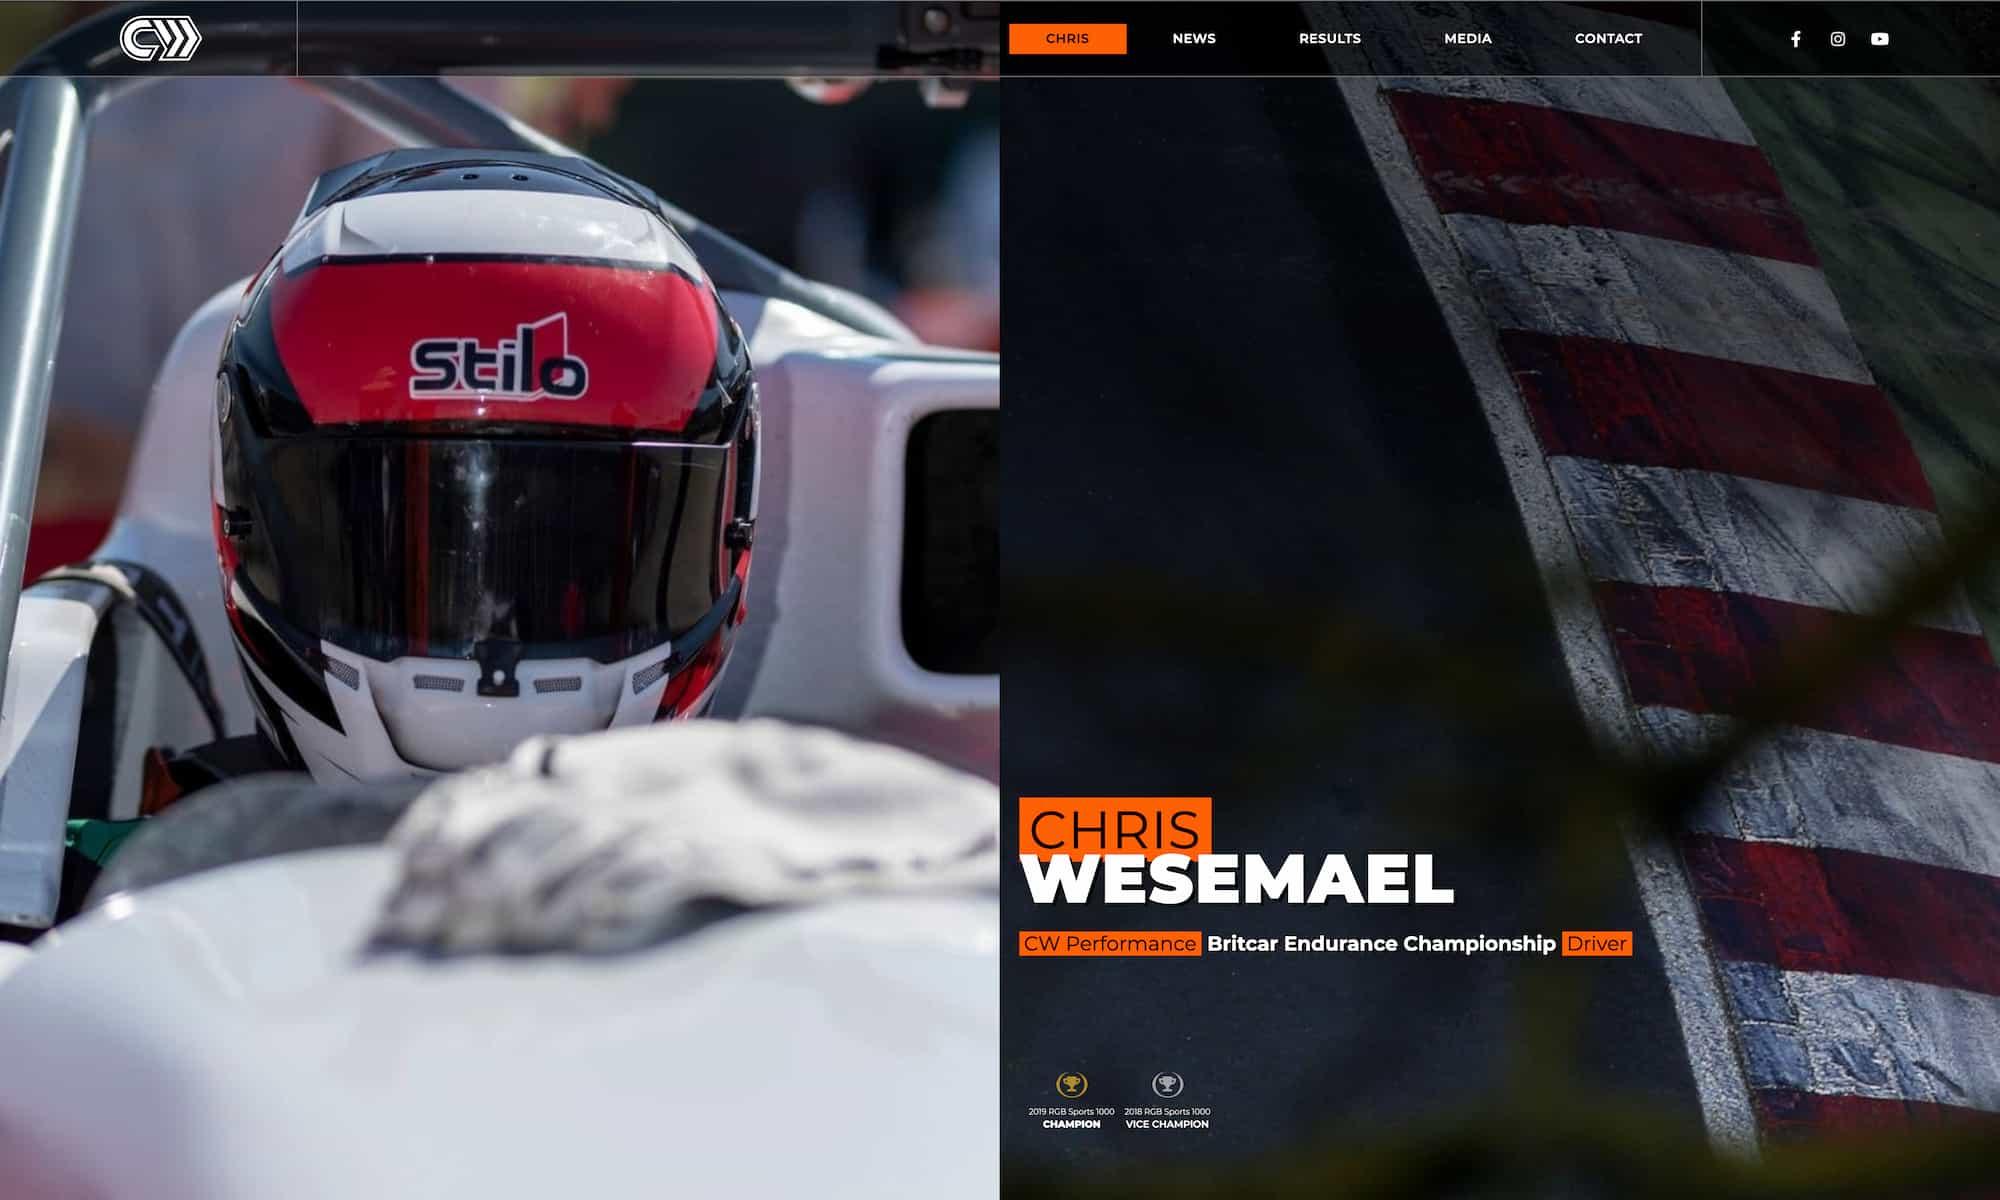 Chris Wesemael Racing